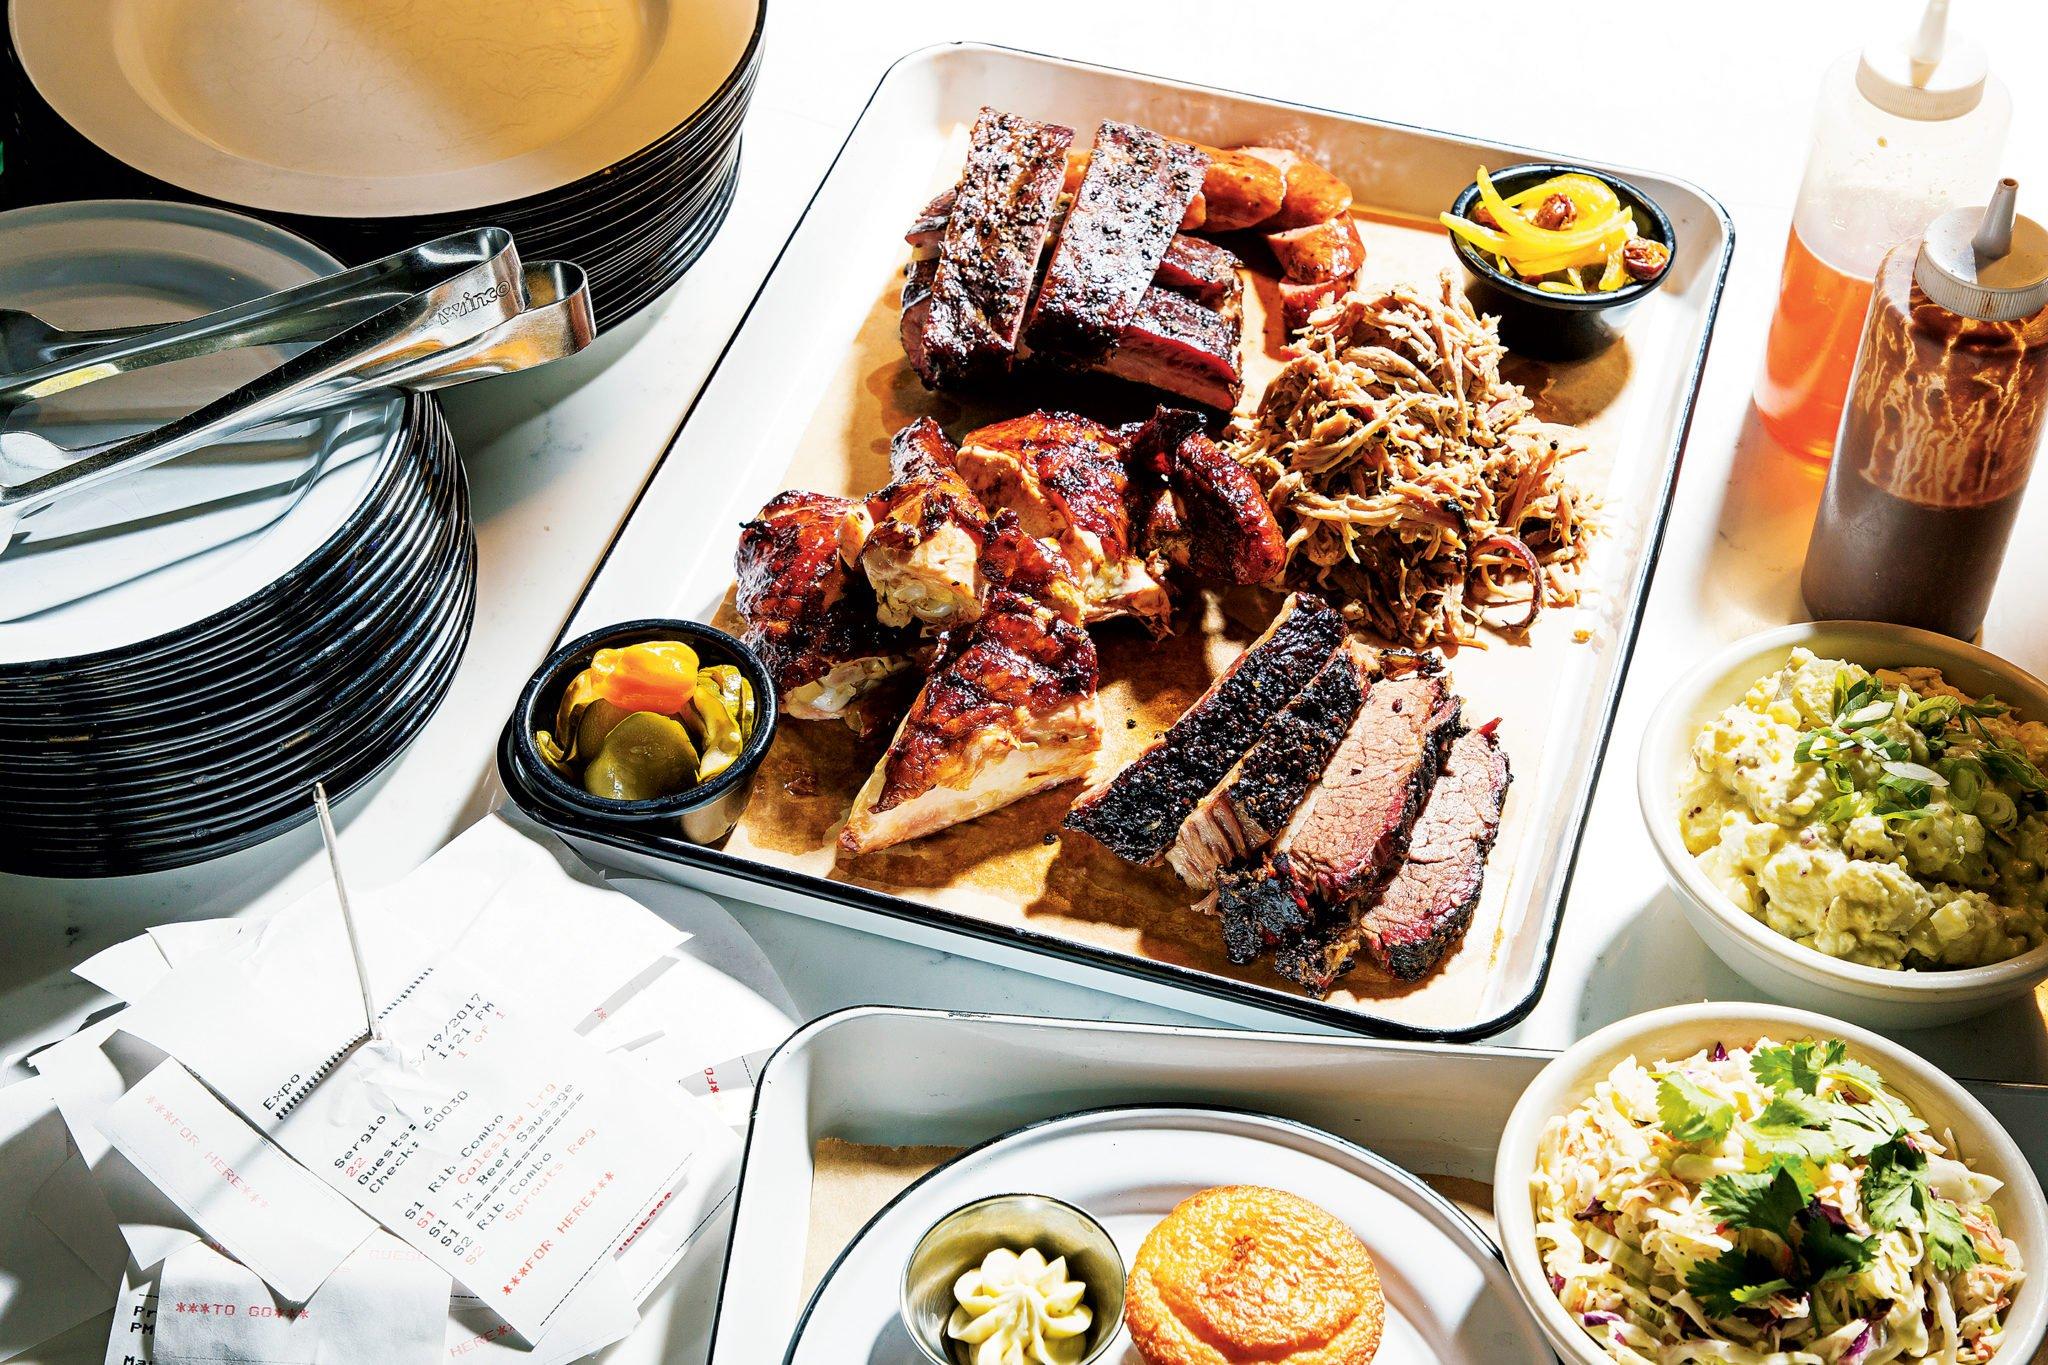 The Best Barbecue Restaurants Around Dc